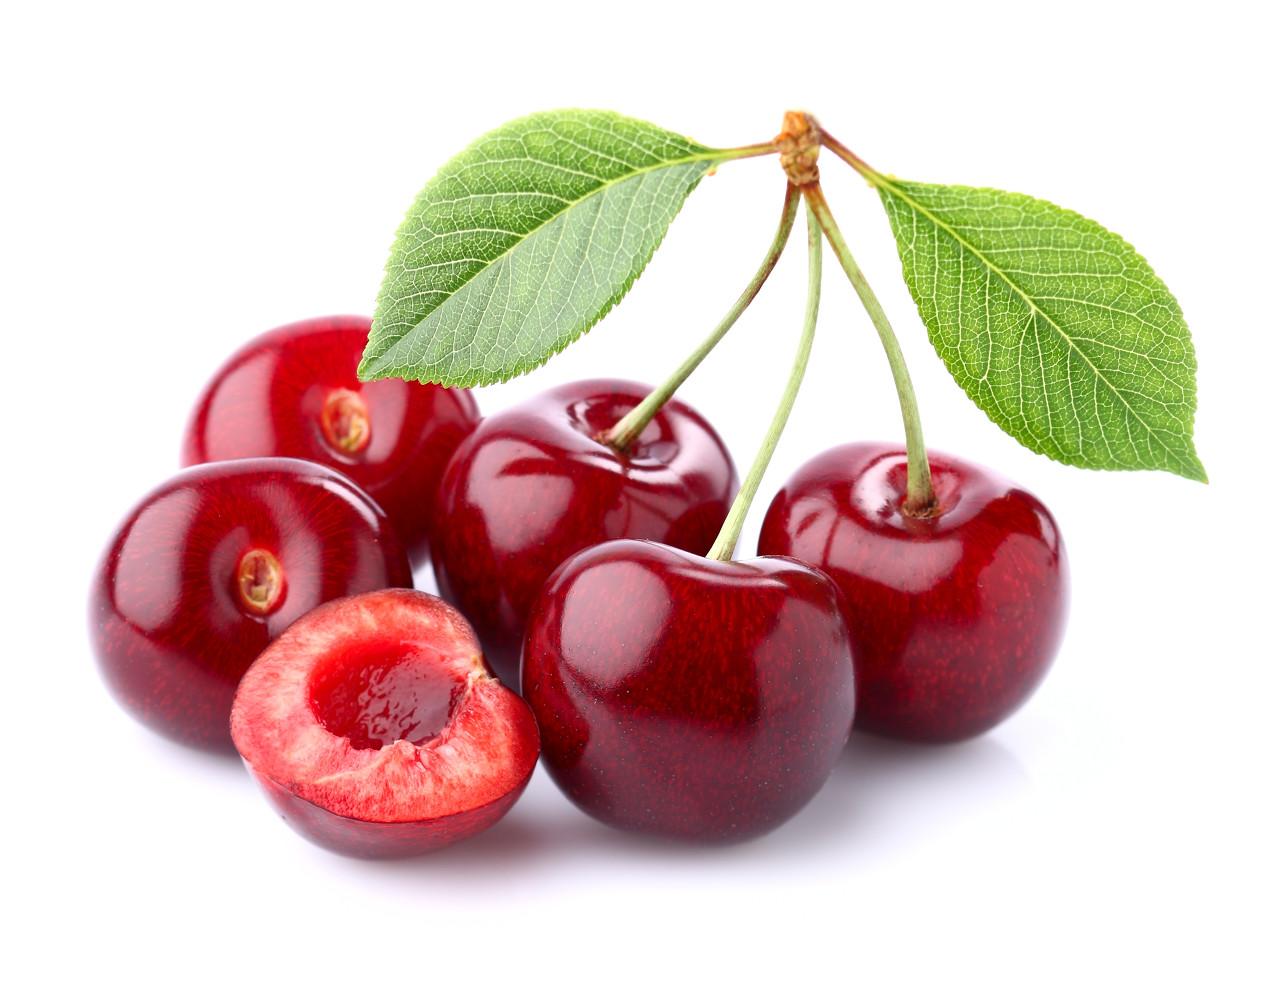 全国近7成樱桃来自山东烟台 外观艳丽深受90后喜爱